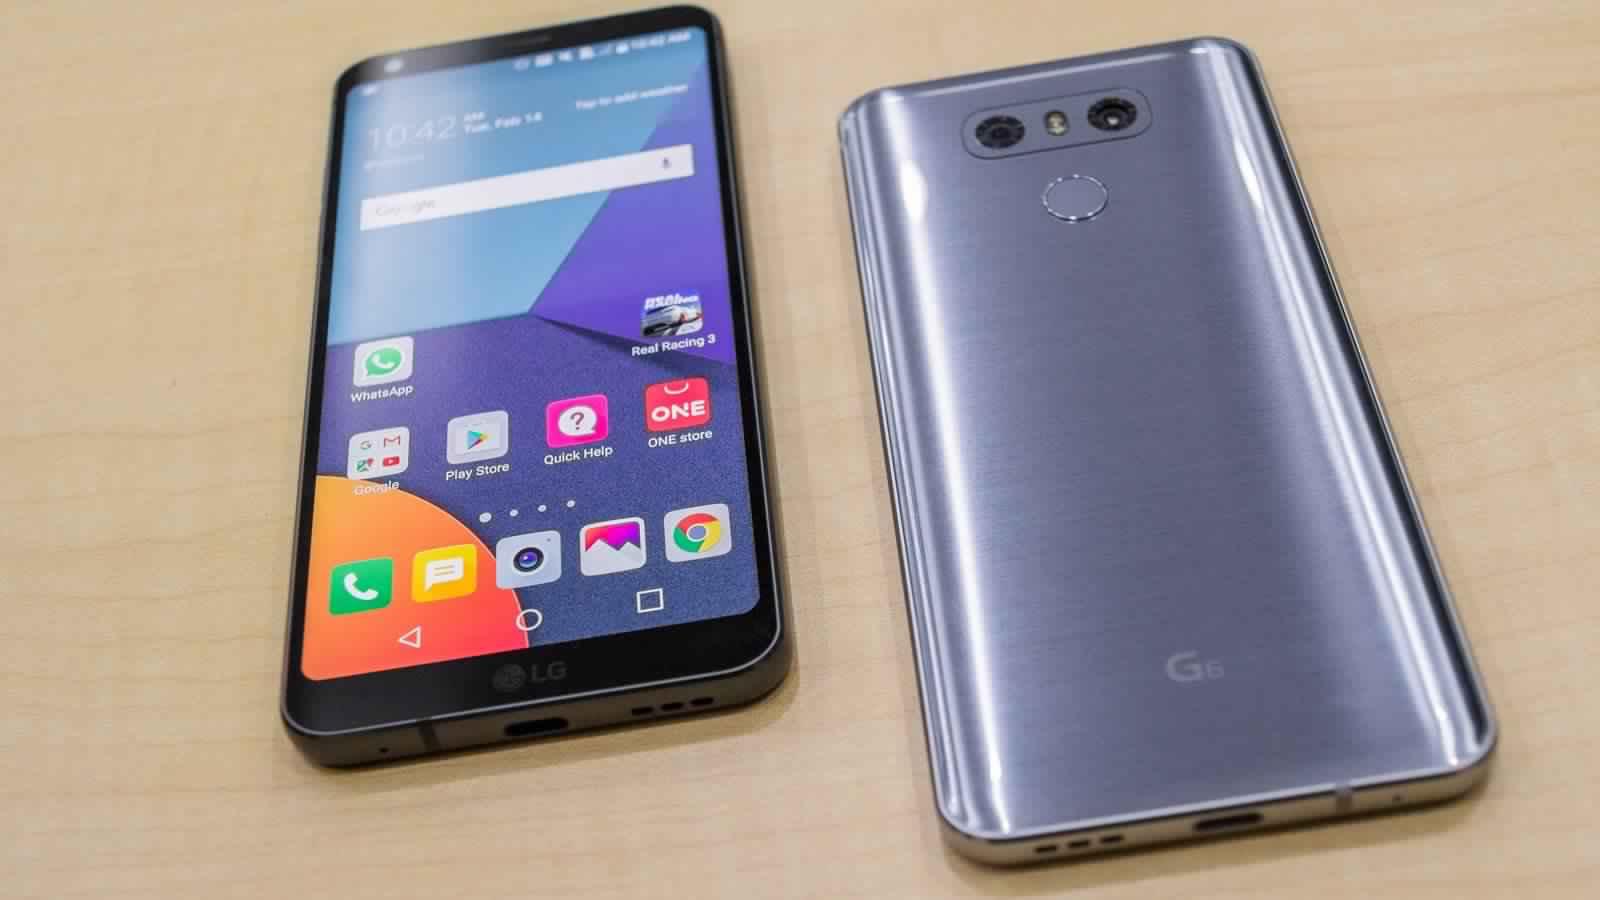 مميزات وعيوب ال جي جي 6 بلاس - LG G6 Plus